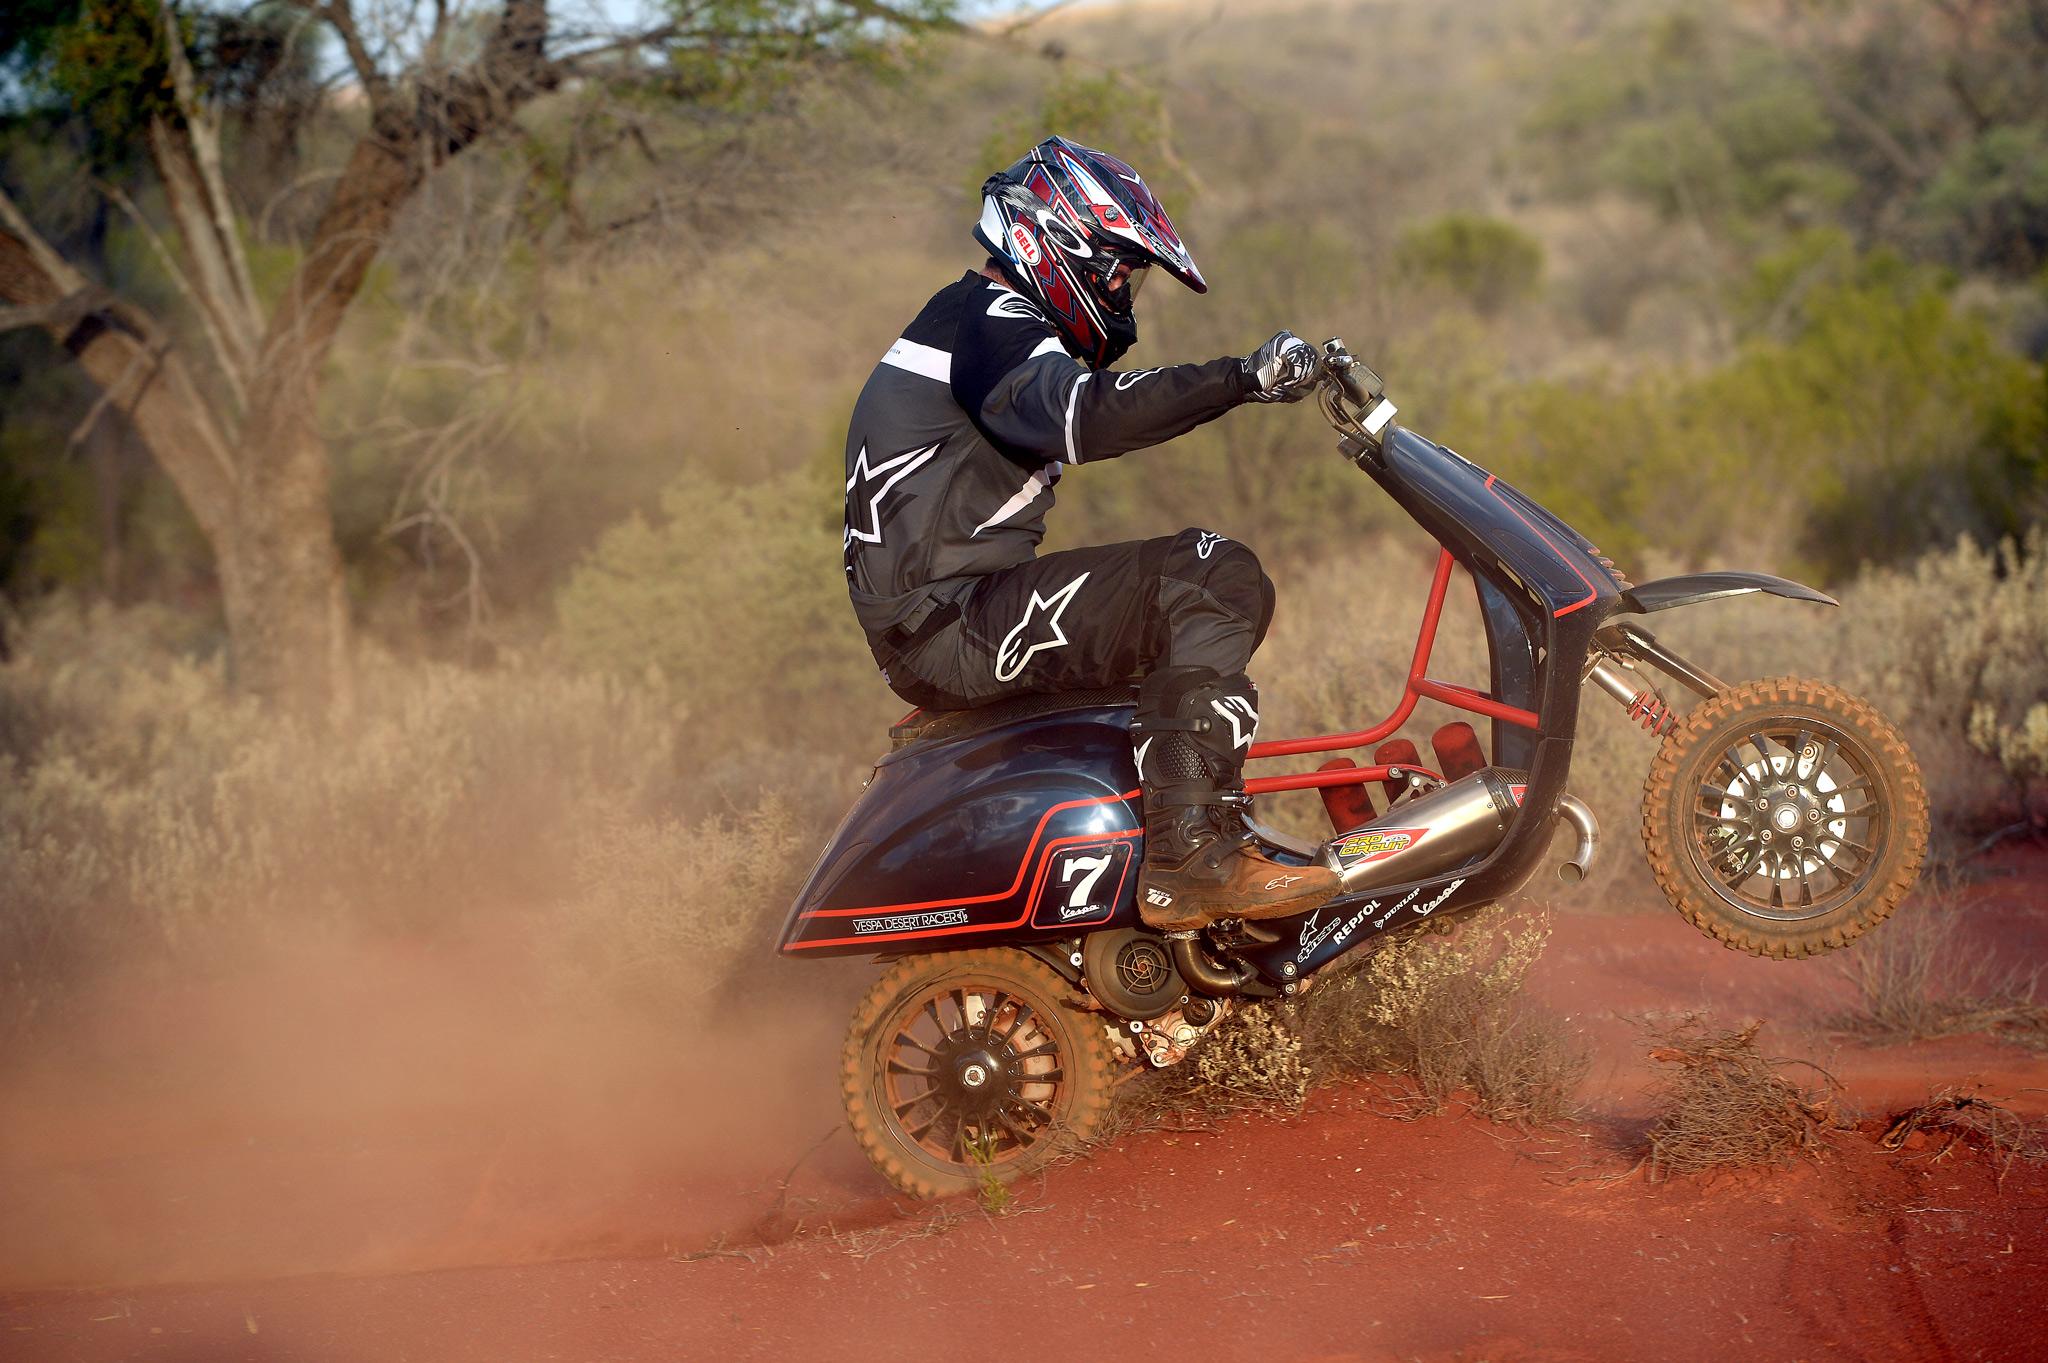 The Vespa Desert Racer Throttle Roll